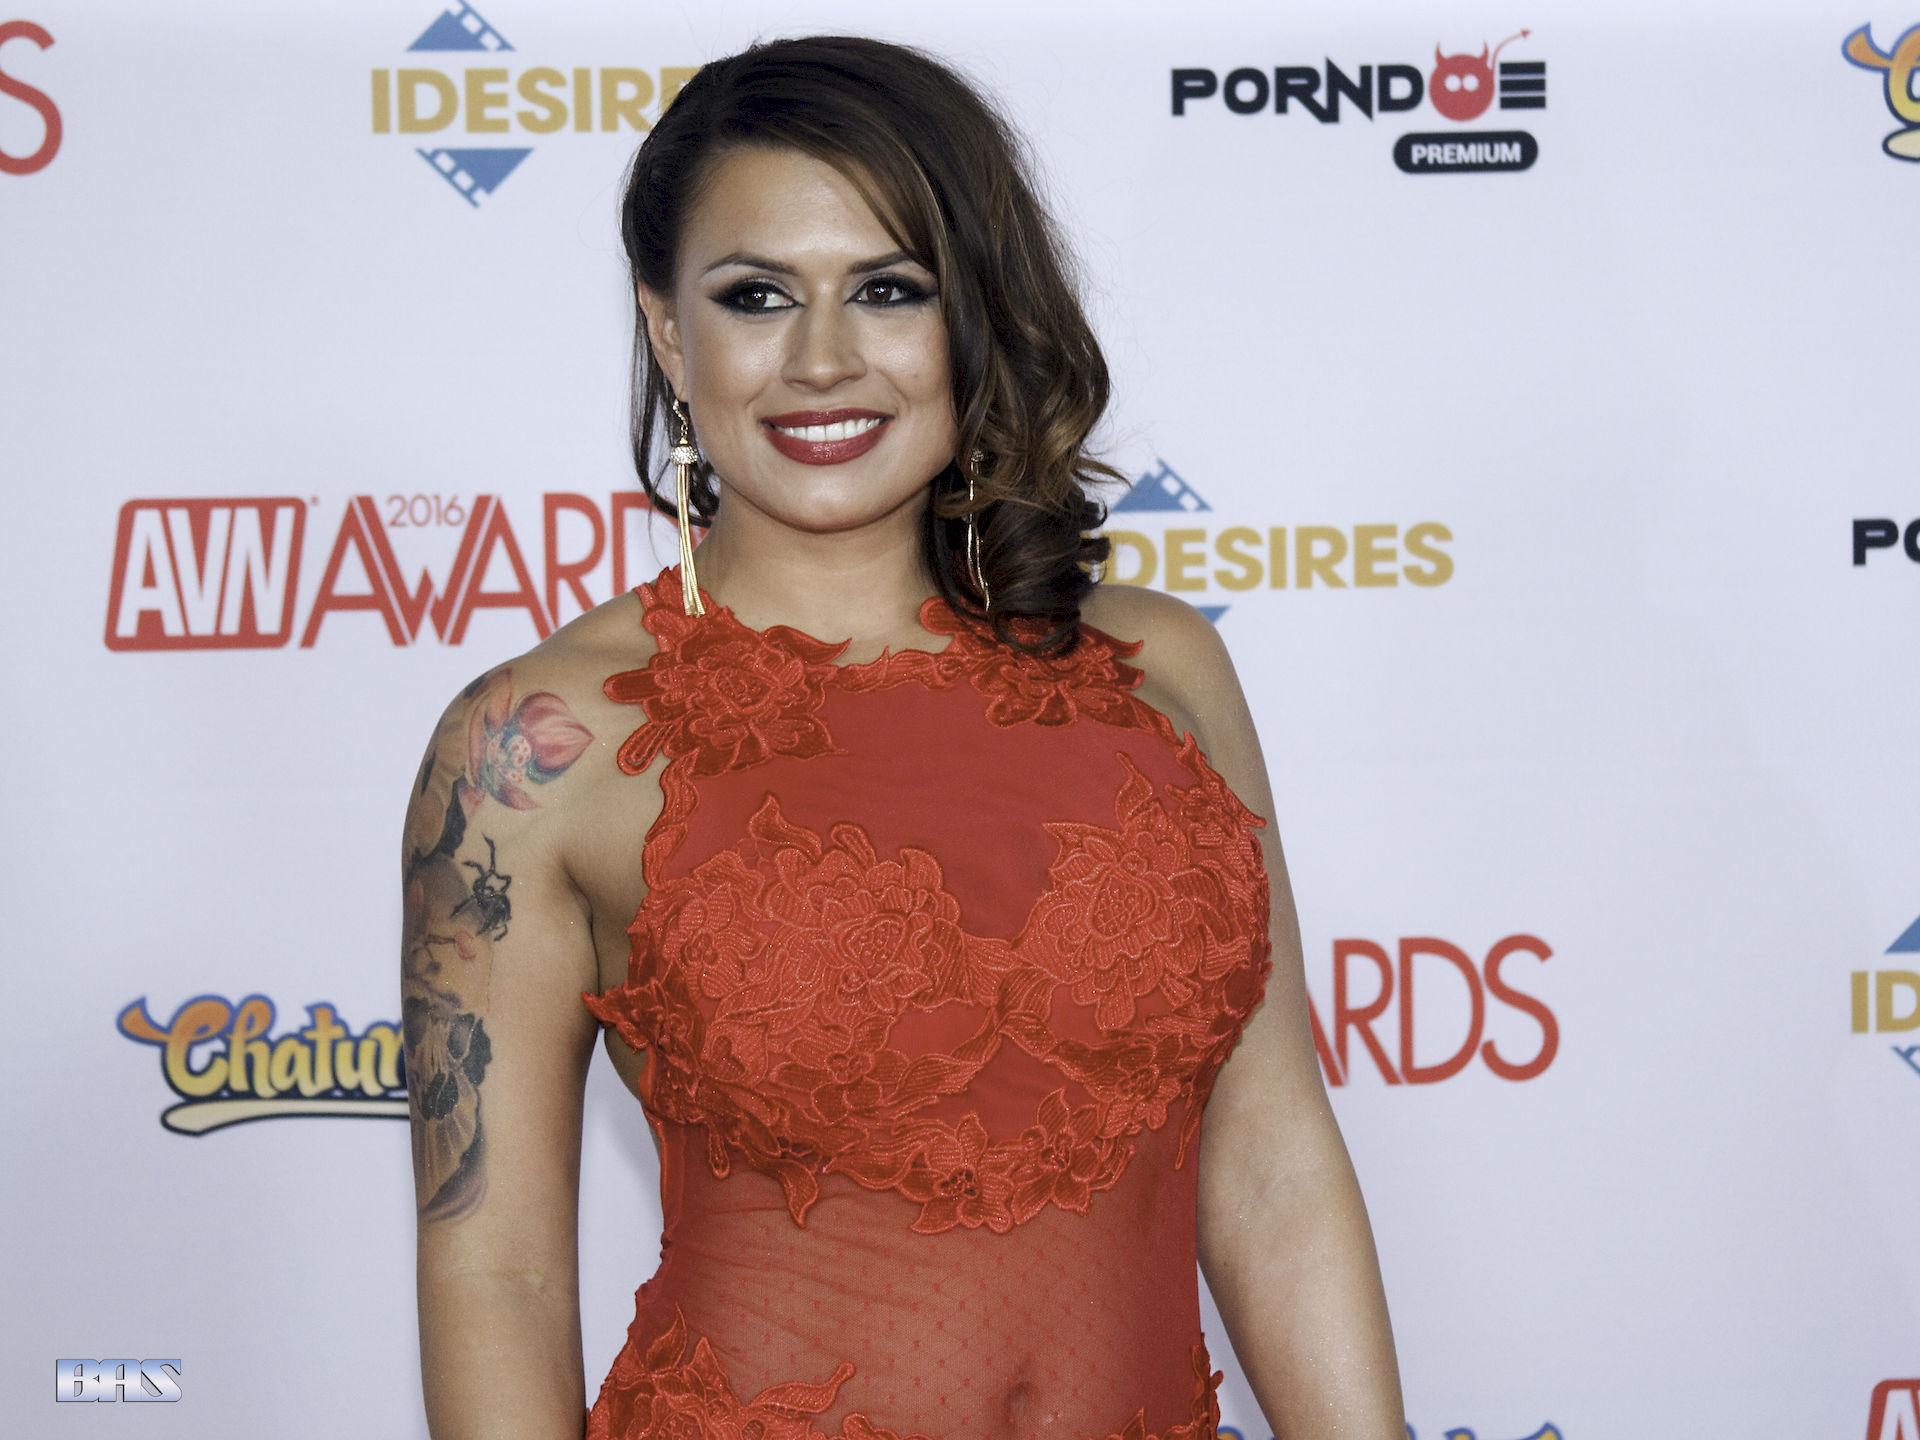 Photo of Eva Angelina: American pornographic actress